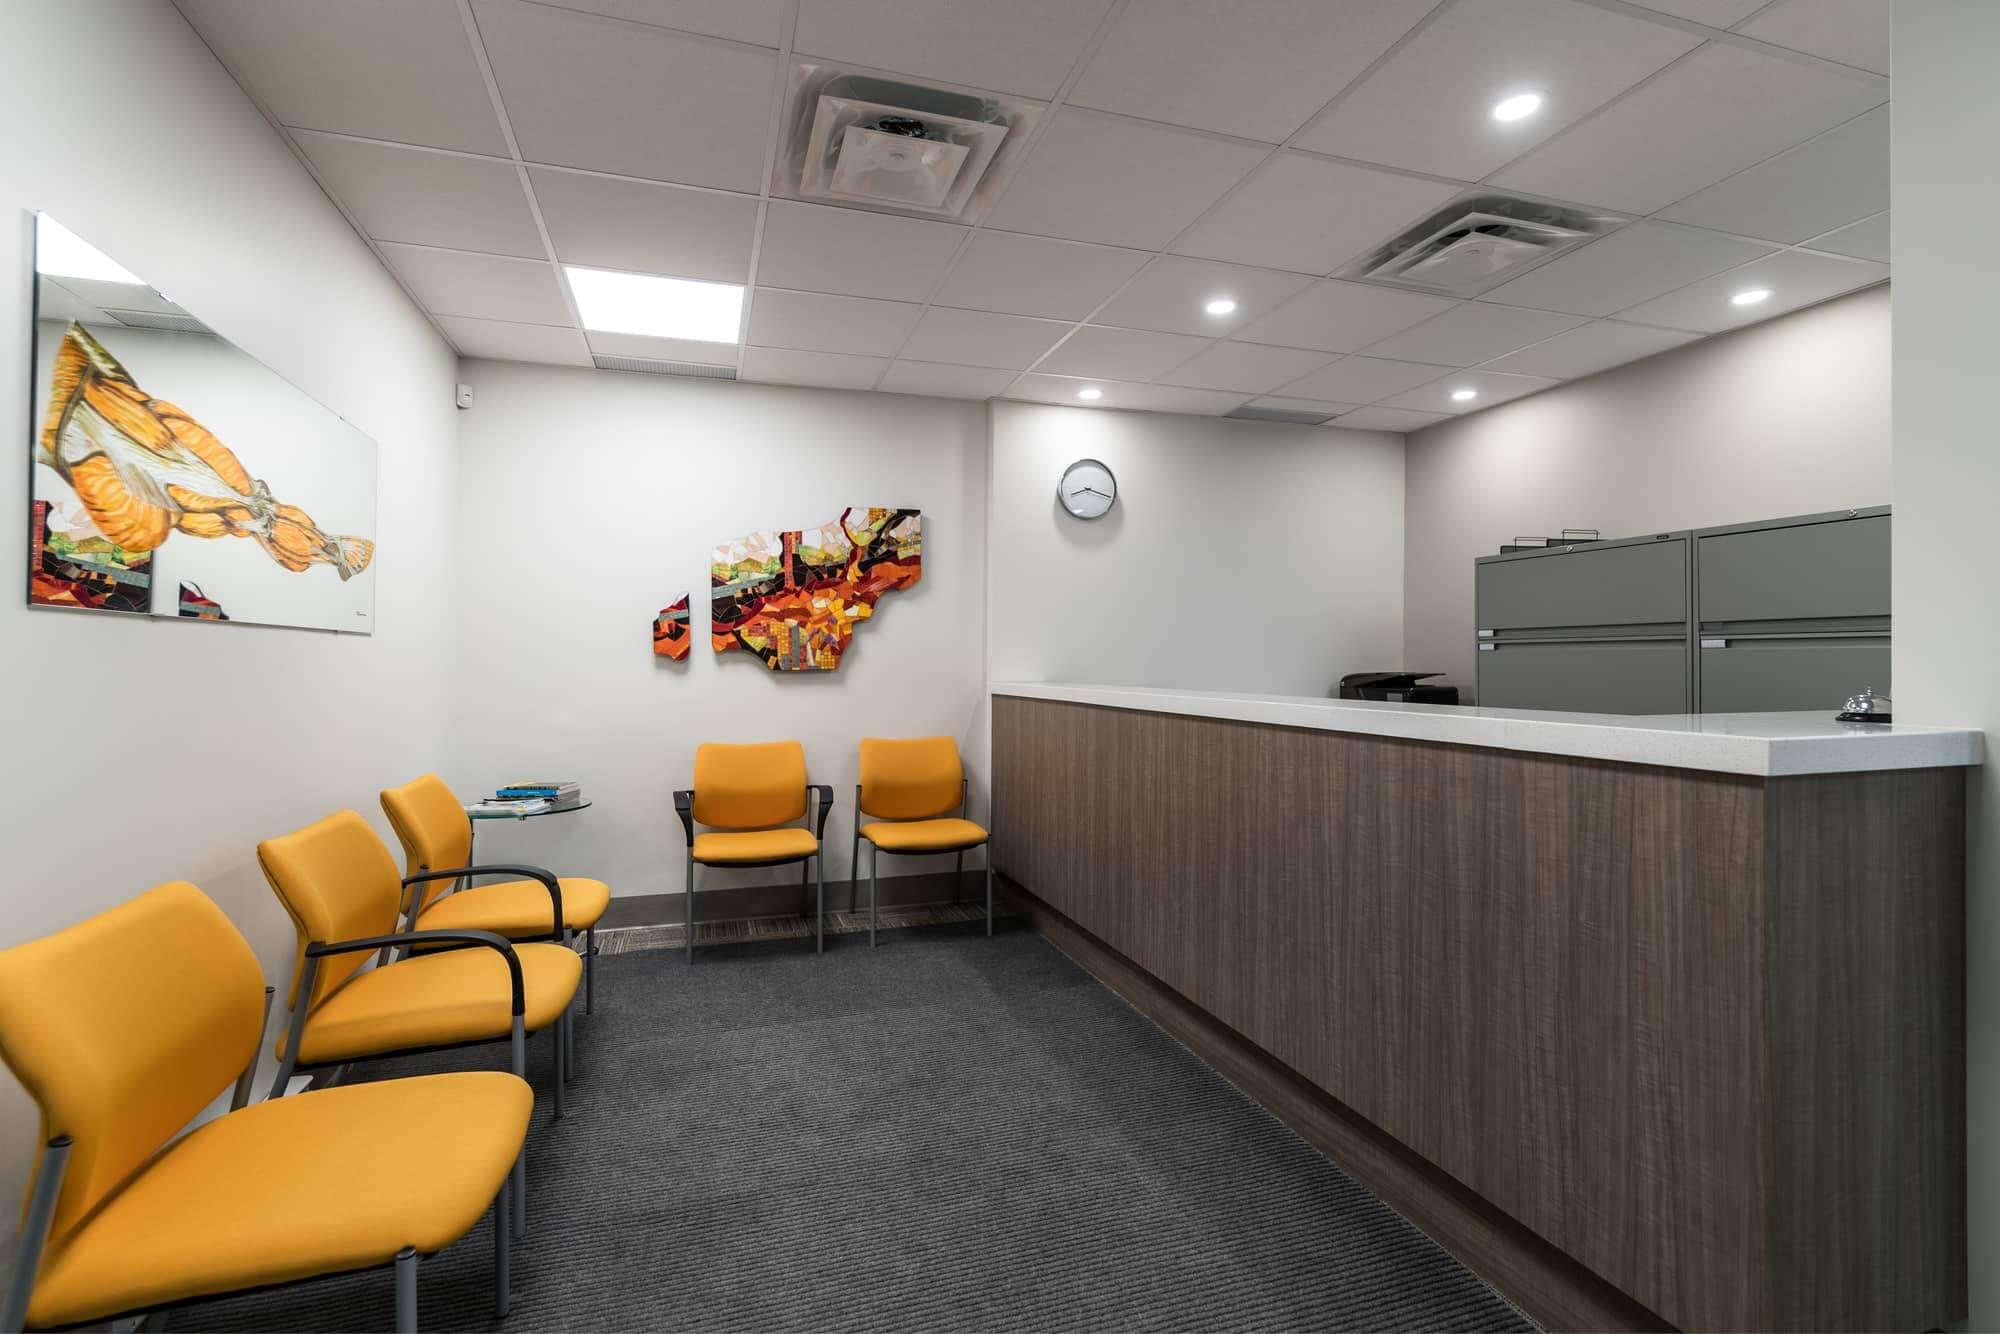 Nouvelle salle d'attente rénovée dans une clinique de physiothérapie avec chaises jaune moutarde donnant sur la réception